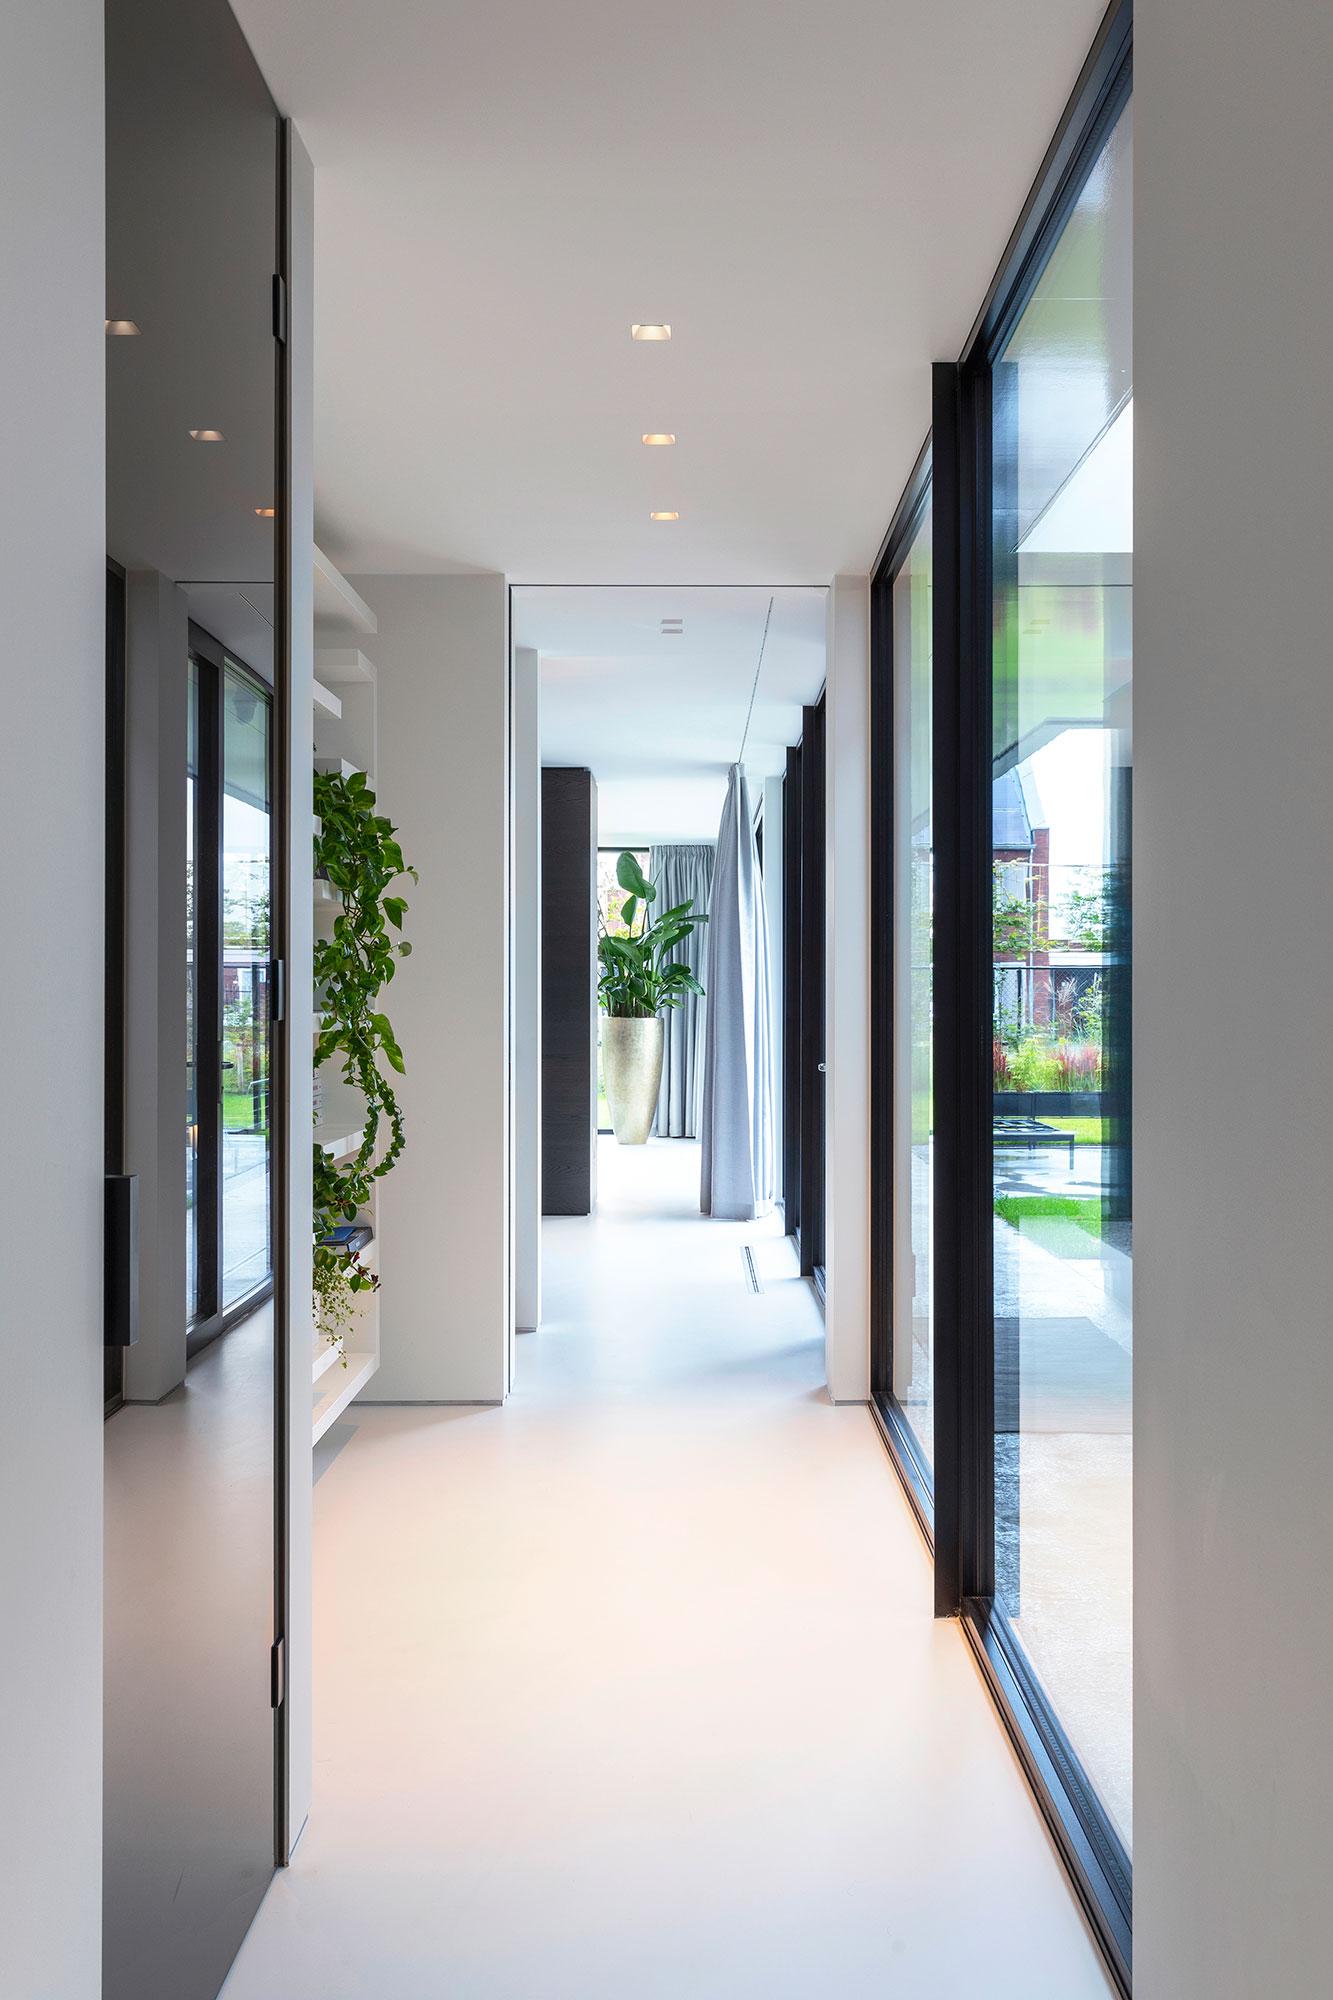 interieurarchitectuur doorkijk kamer